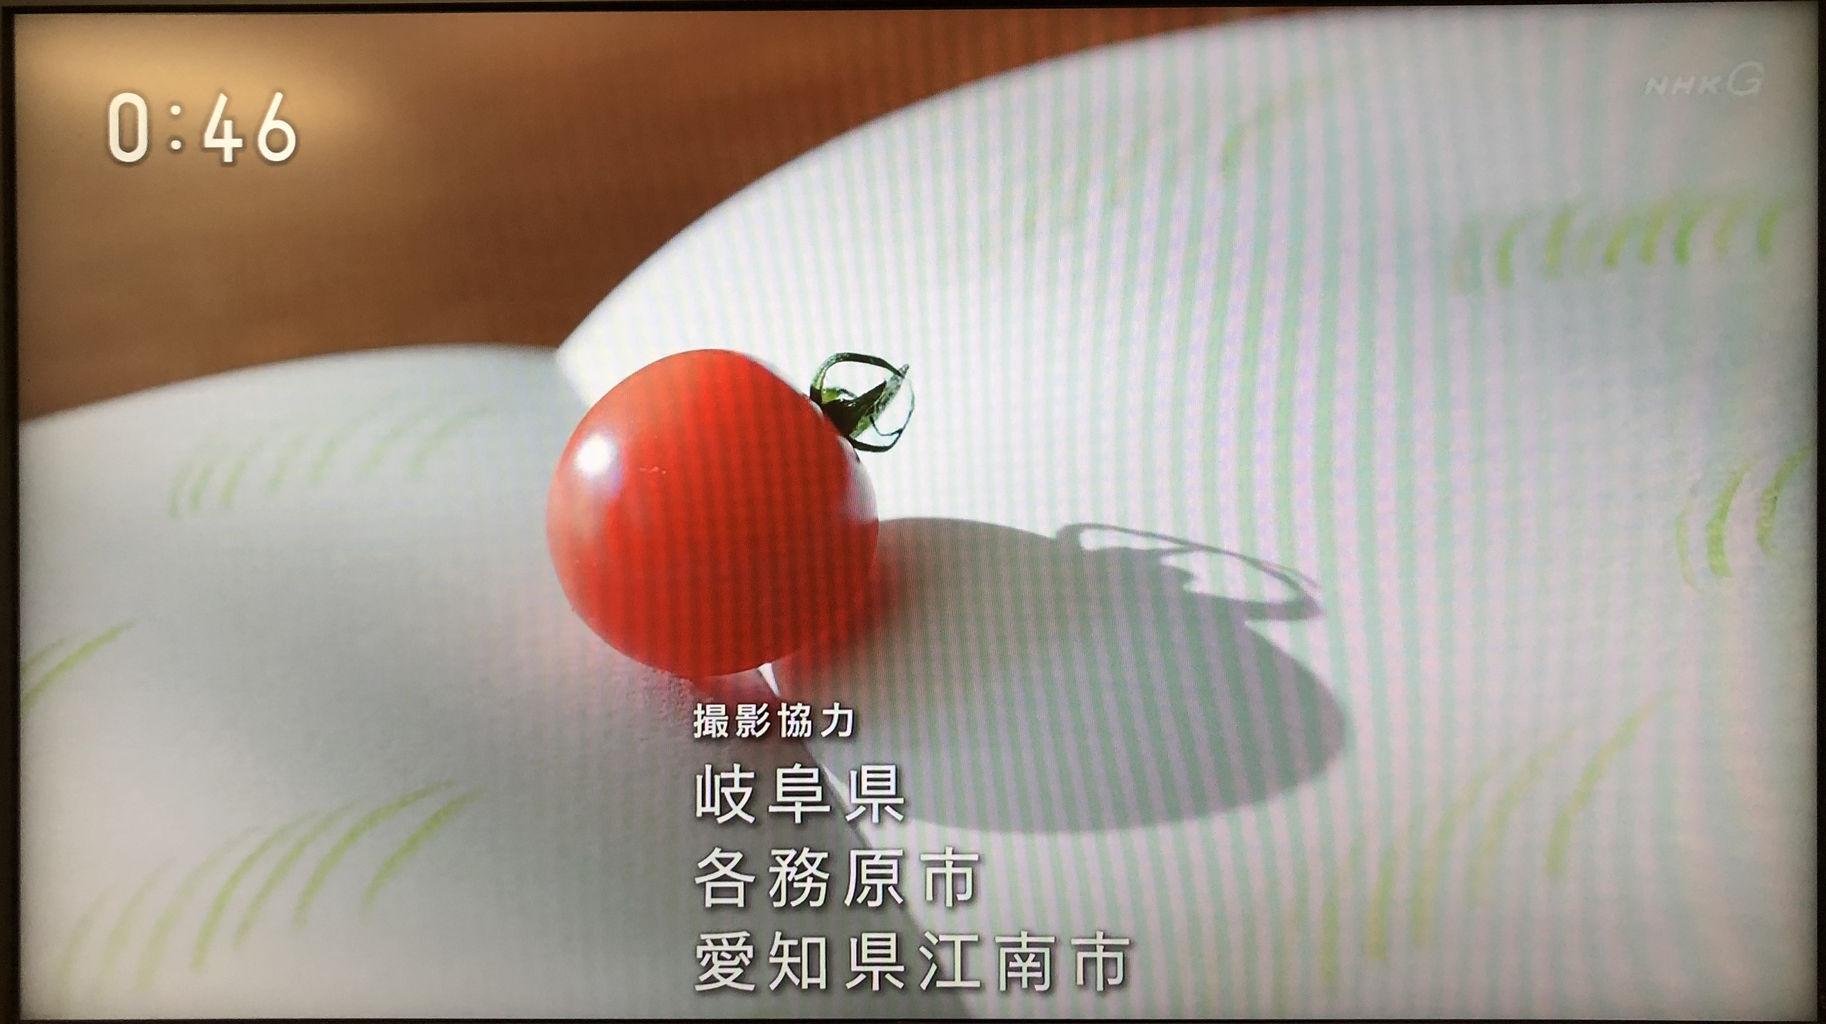 『半分、青い。』撮影協力「愛知県江南市」